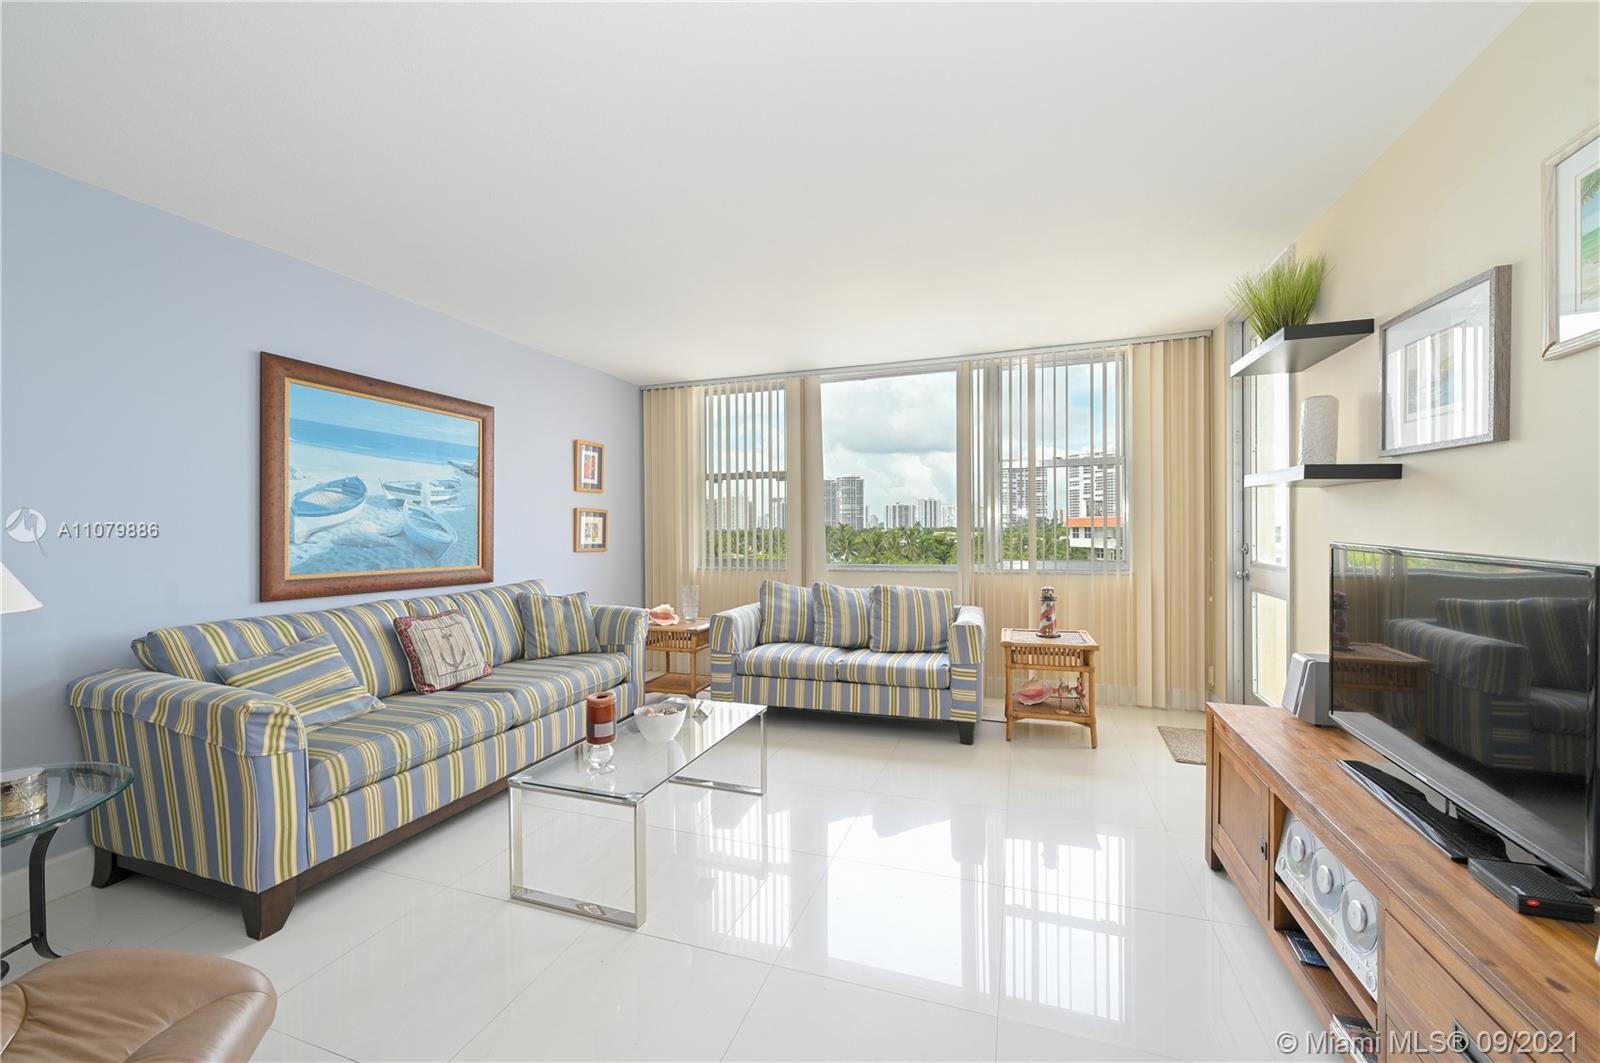 3180 S Ocean Dr #521, Hallandale Beach, FL 33009 - #: A11079886